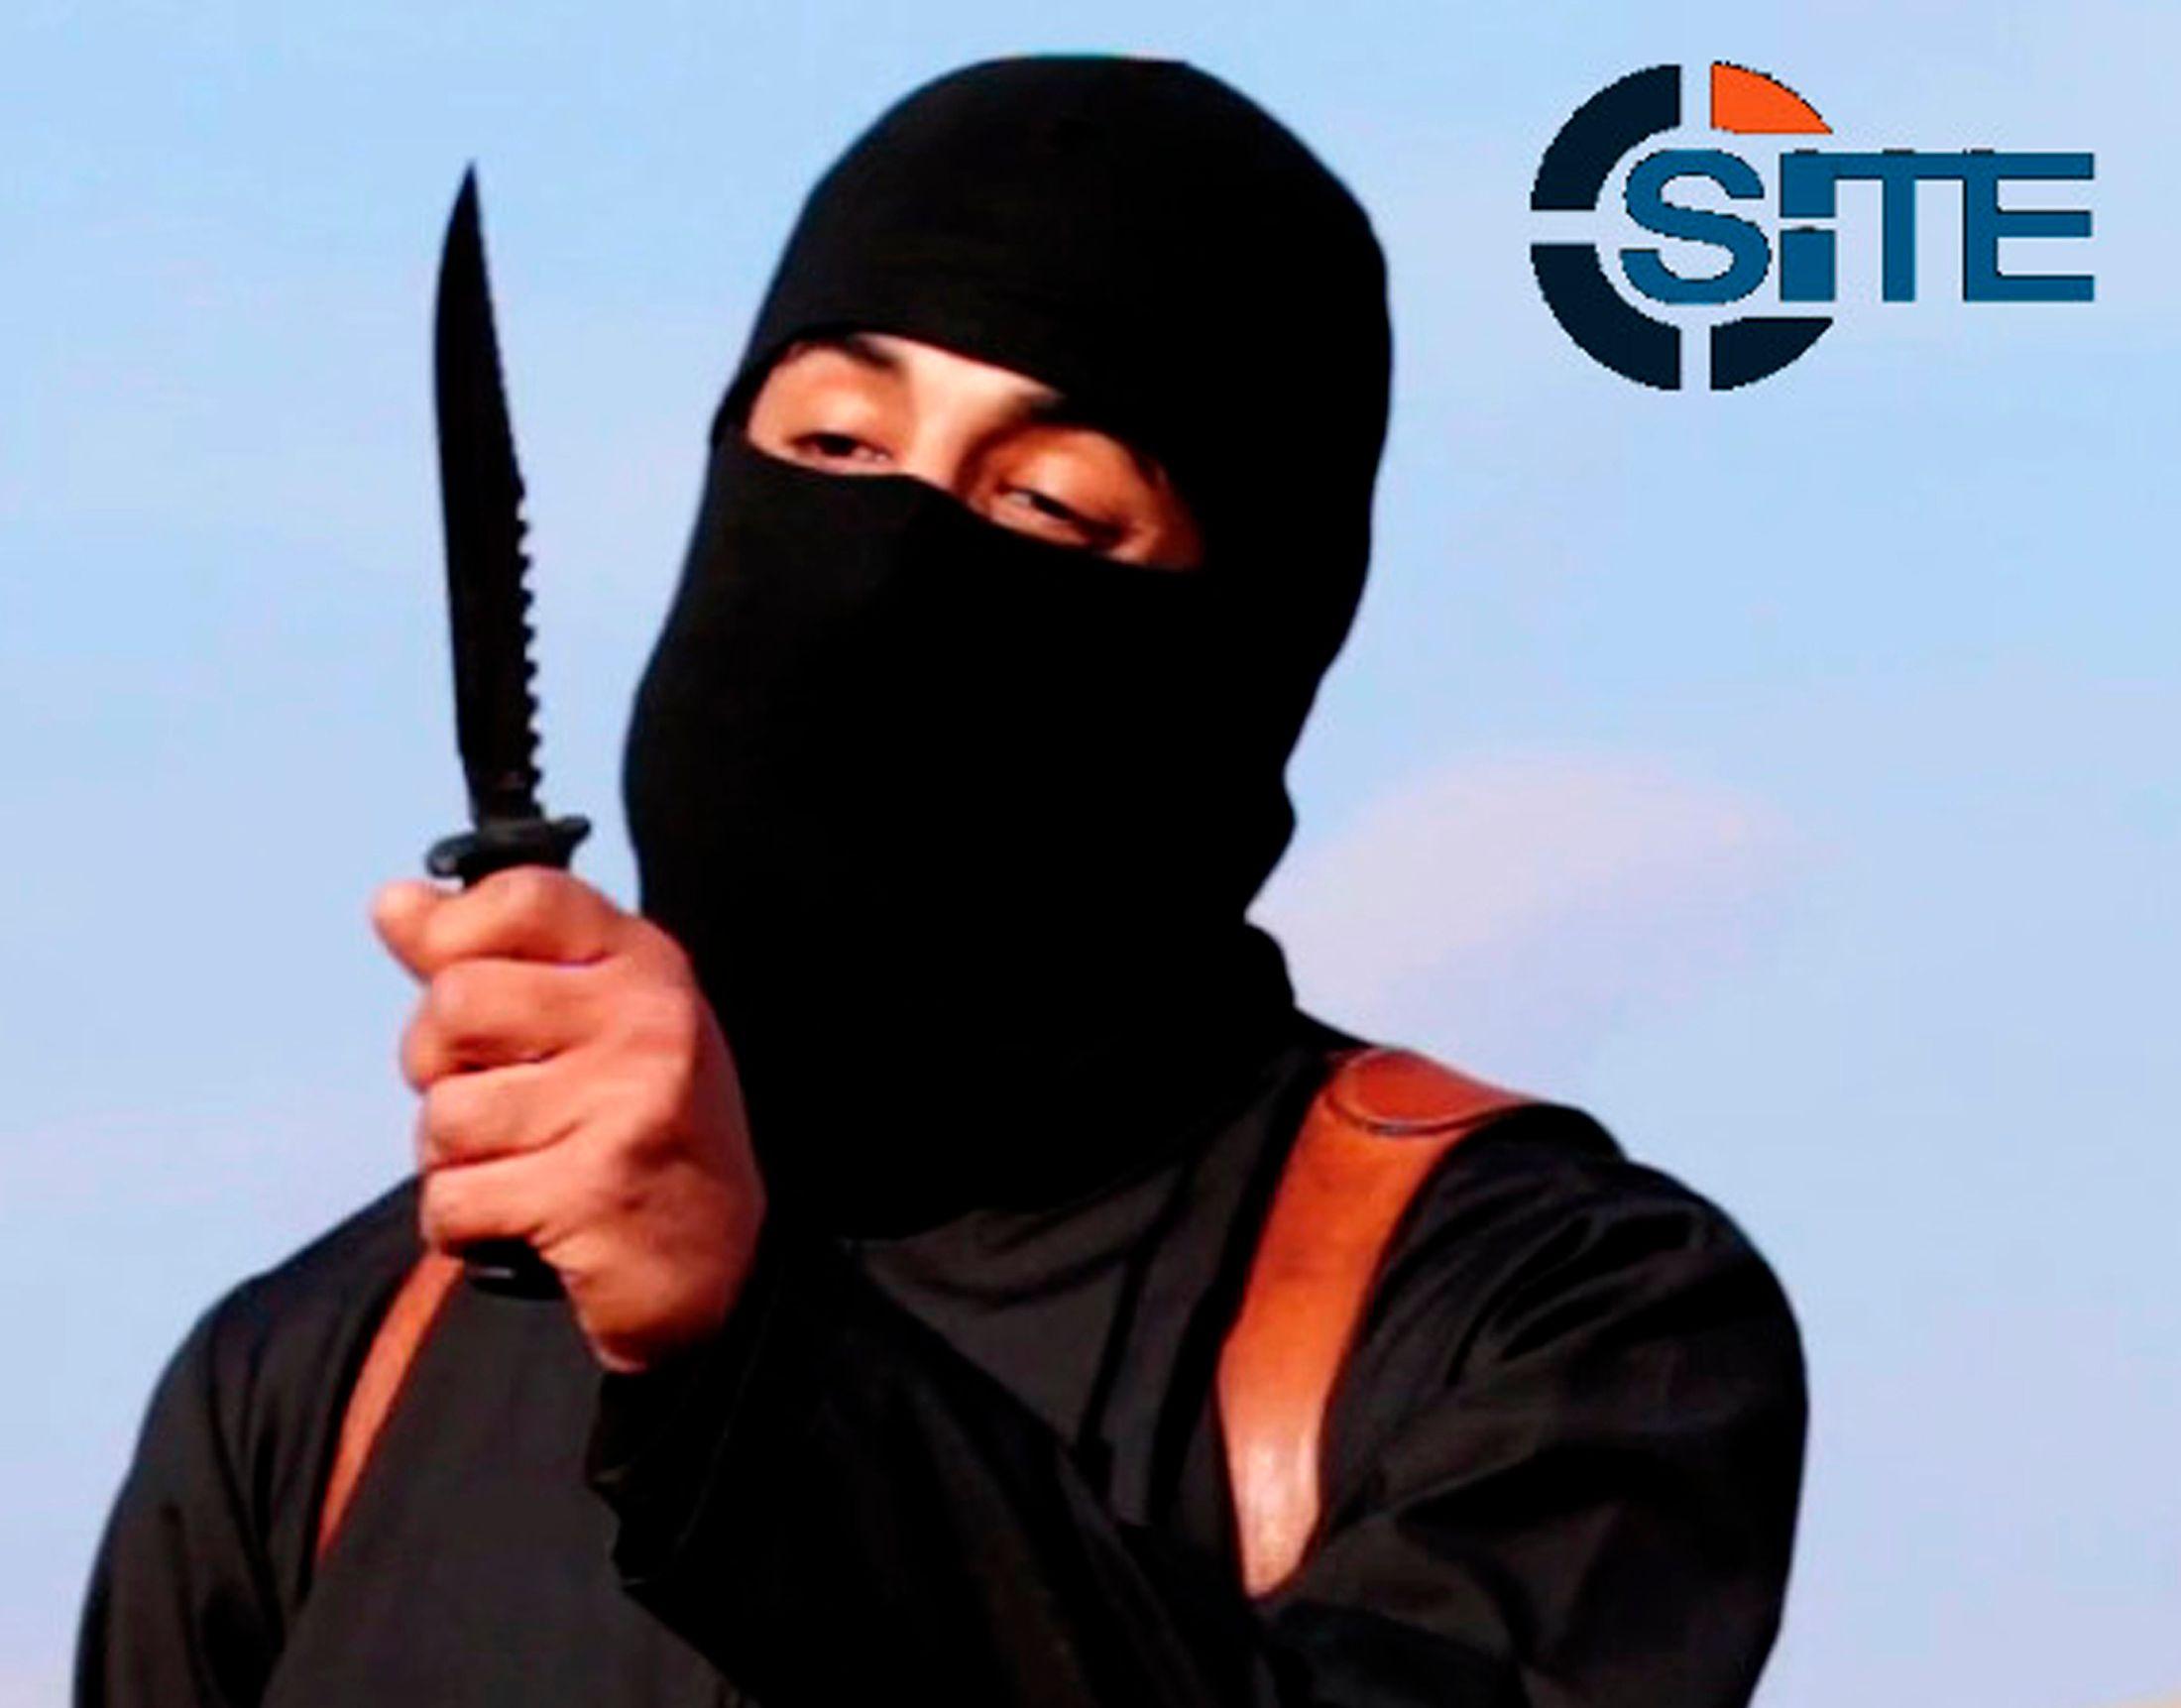 La menace terroriste vient principalement de l'intérieur du territoire français